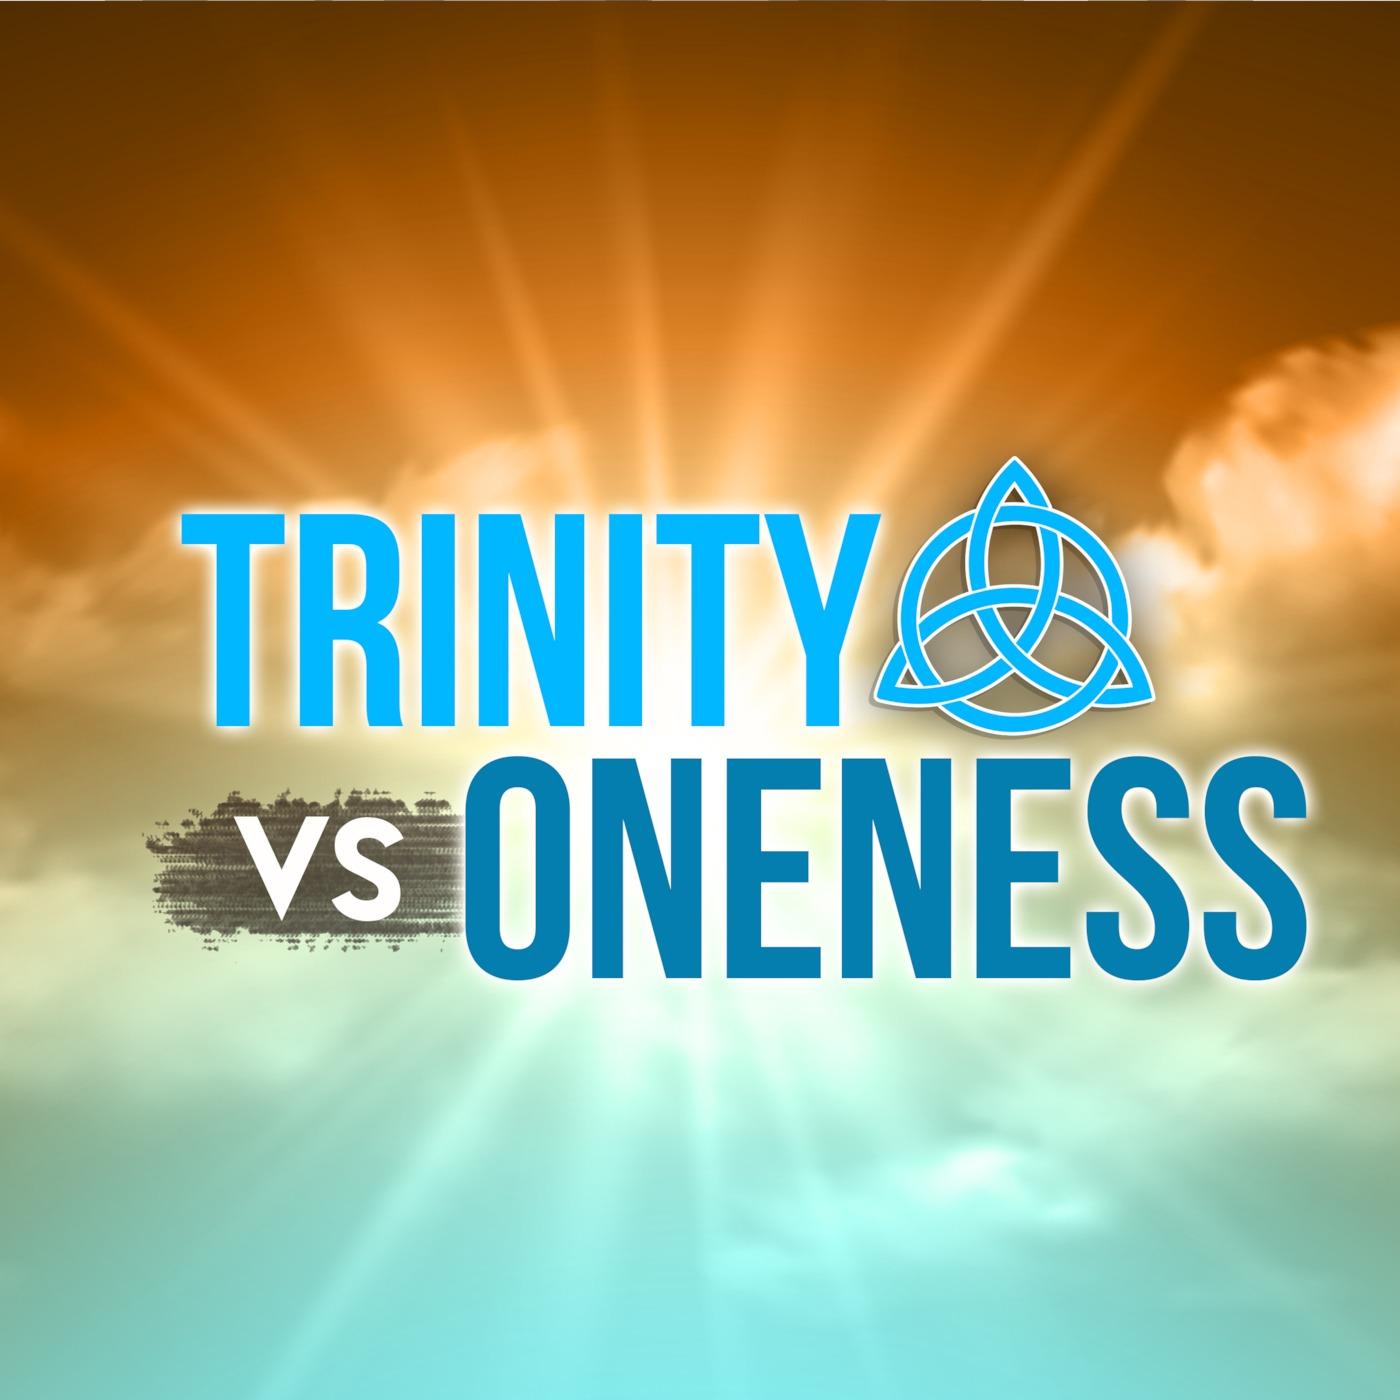 Trinity VS Oneness